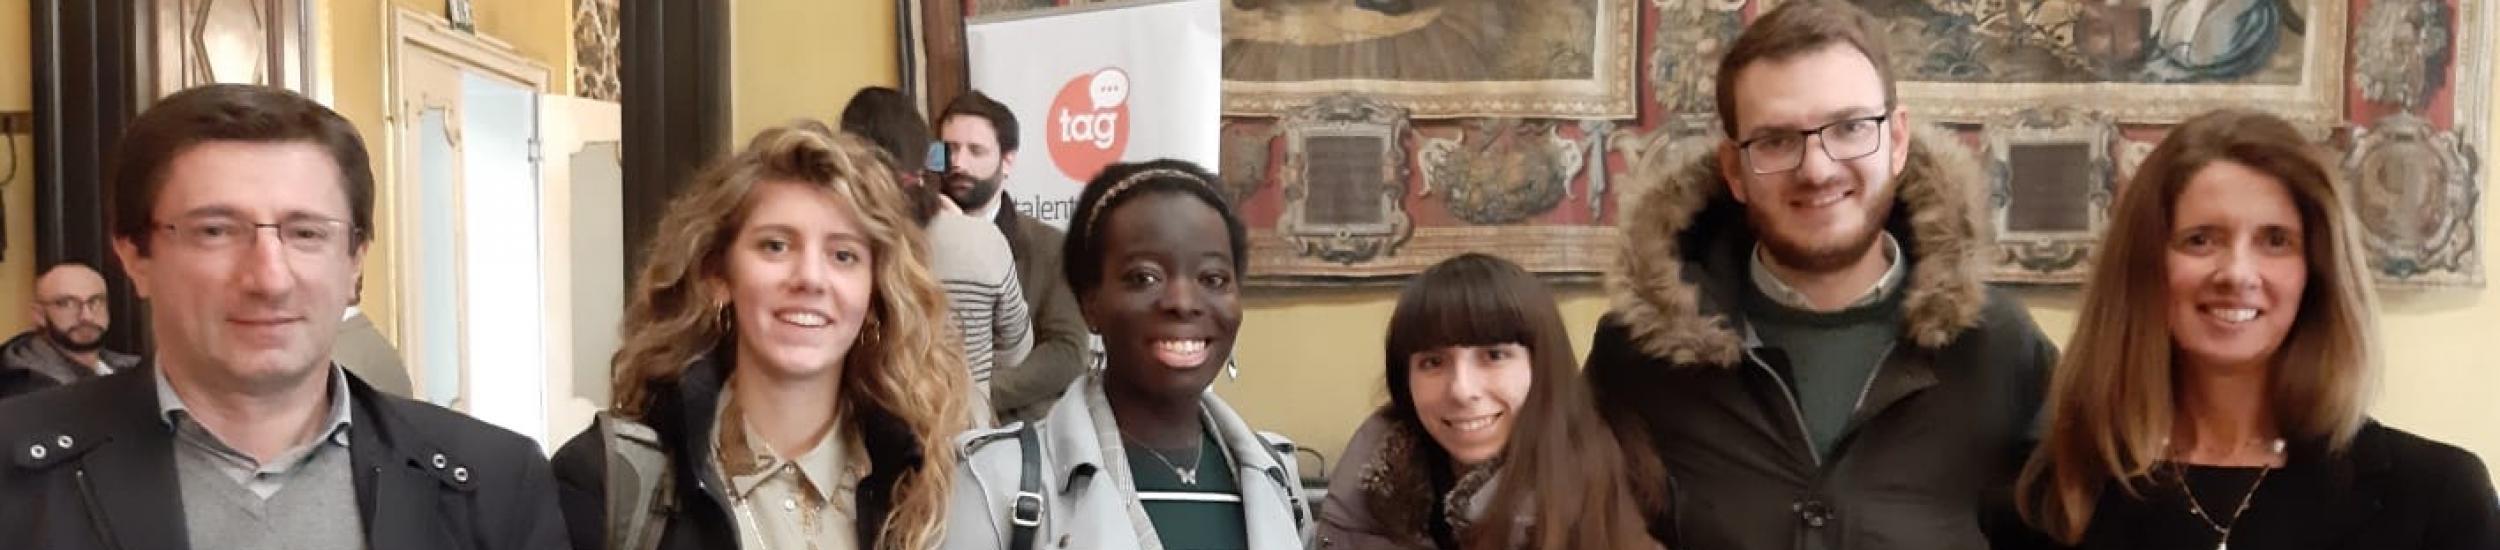 Il gruppo Bizena, vincitore del Mobility Bootcamp